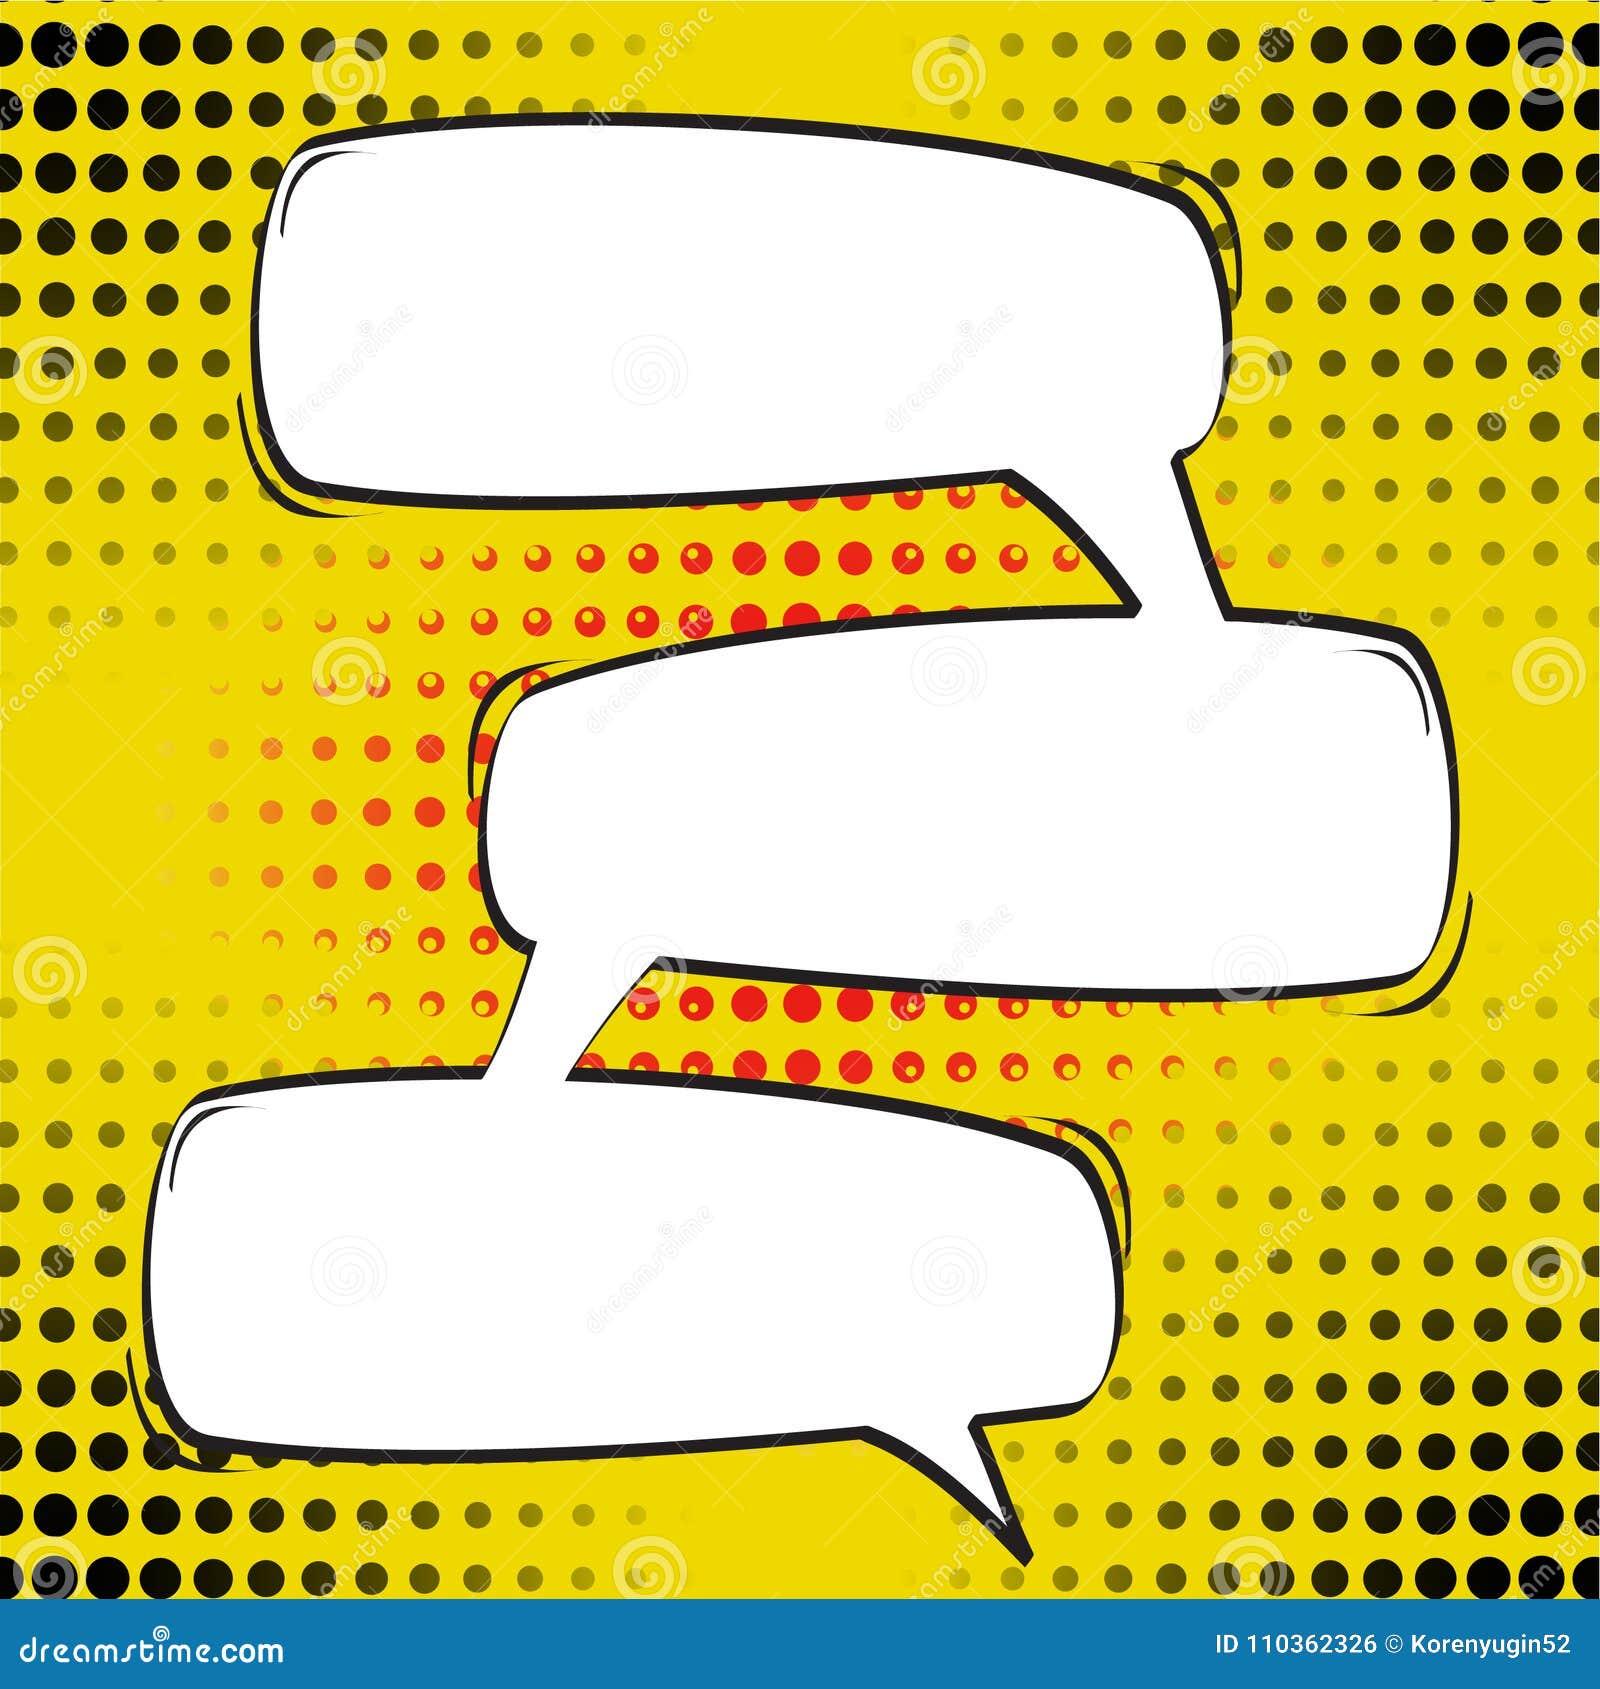 Шарж, шуточные пузыри речи, пустые облака диалога с полутоновым изображением